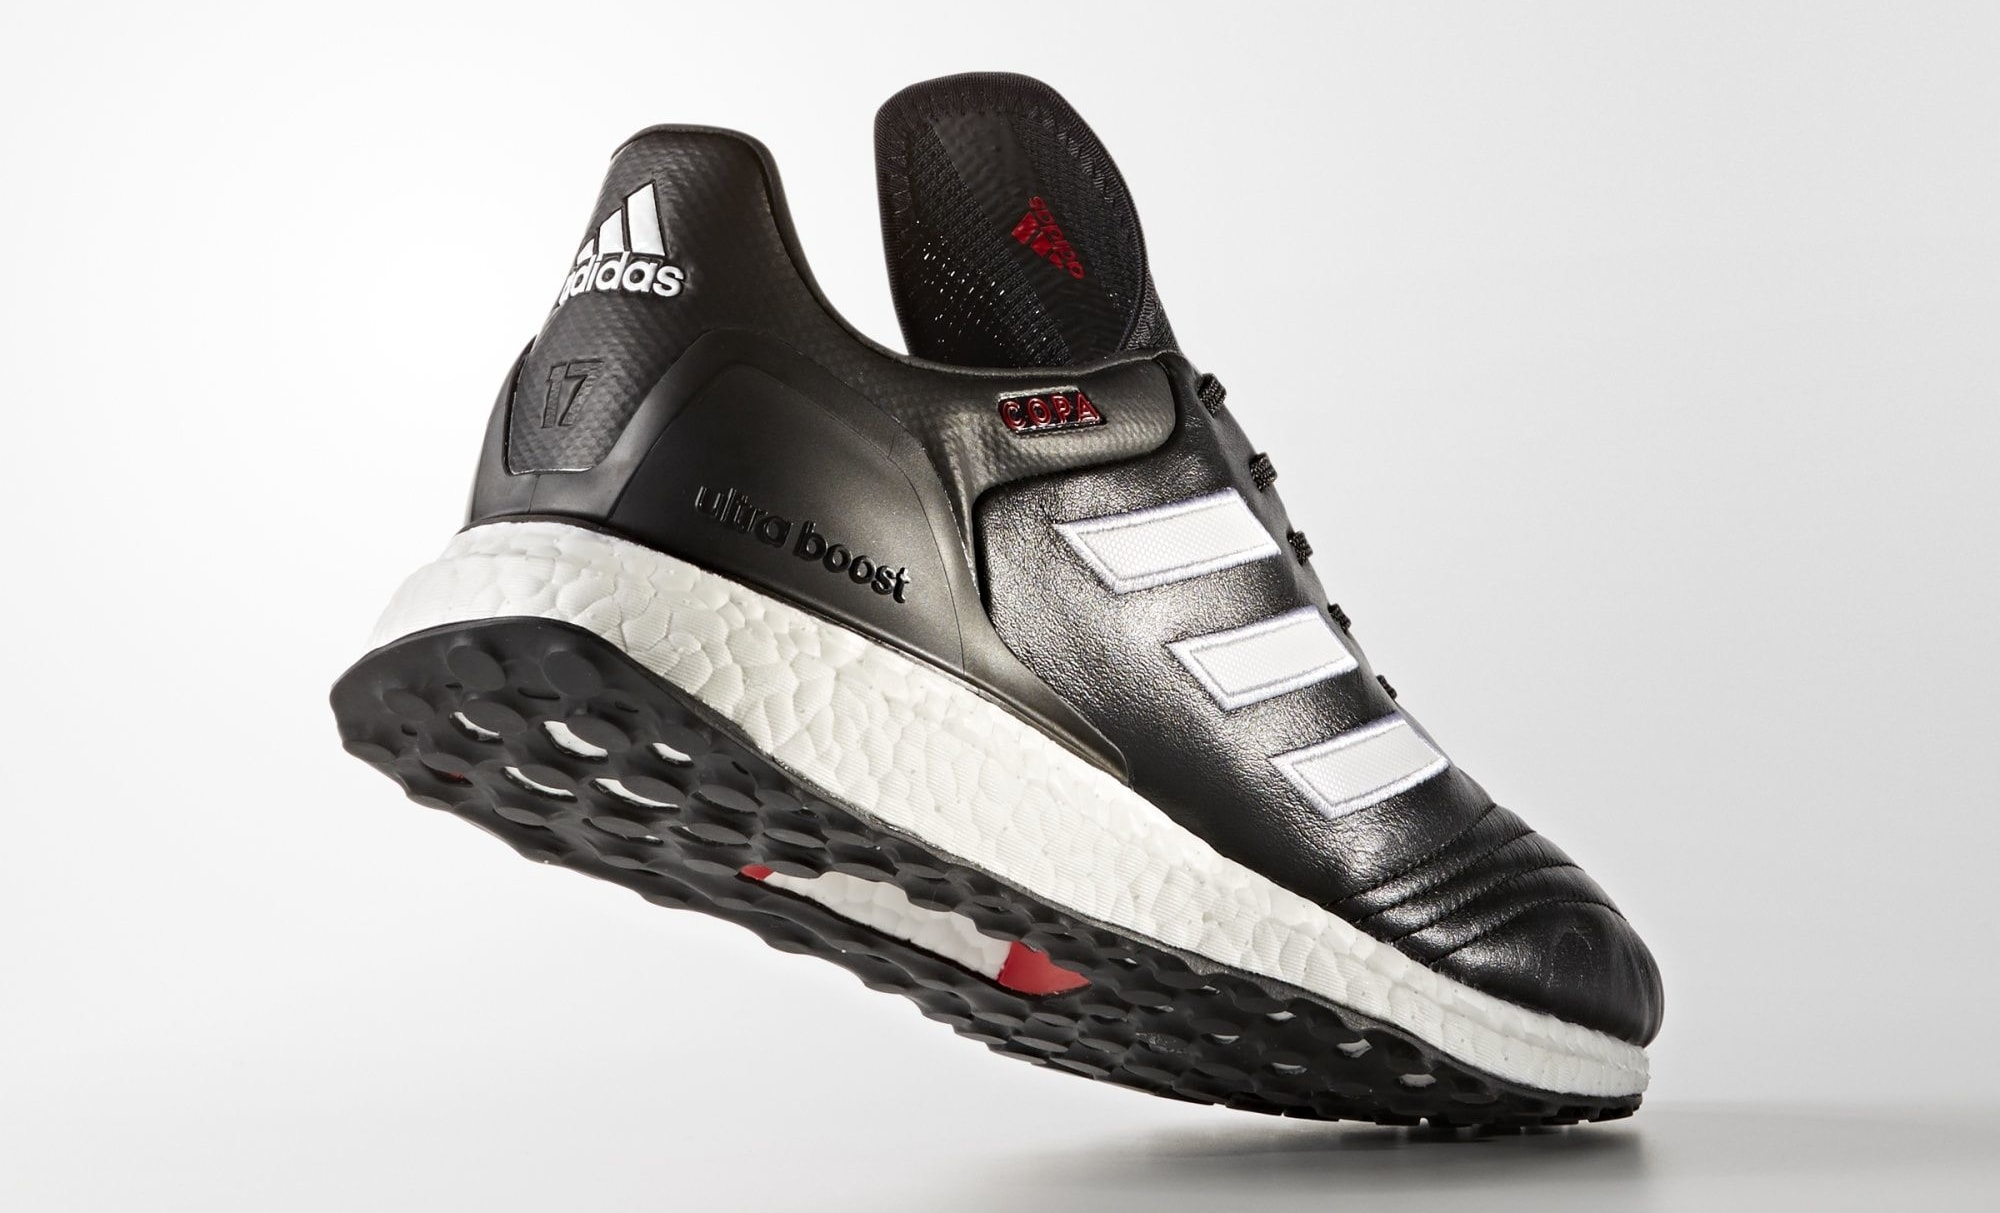 464db1604 ... black m419 cheap sale bostoncheap prices bostonreliable supplierutterly  stylish b97dd a47fa; amazon adidas copa 17.1 ultra boost a1418 81ec3